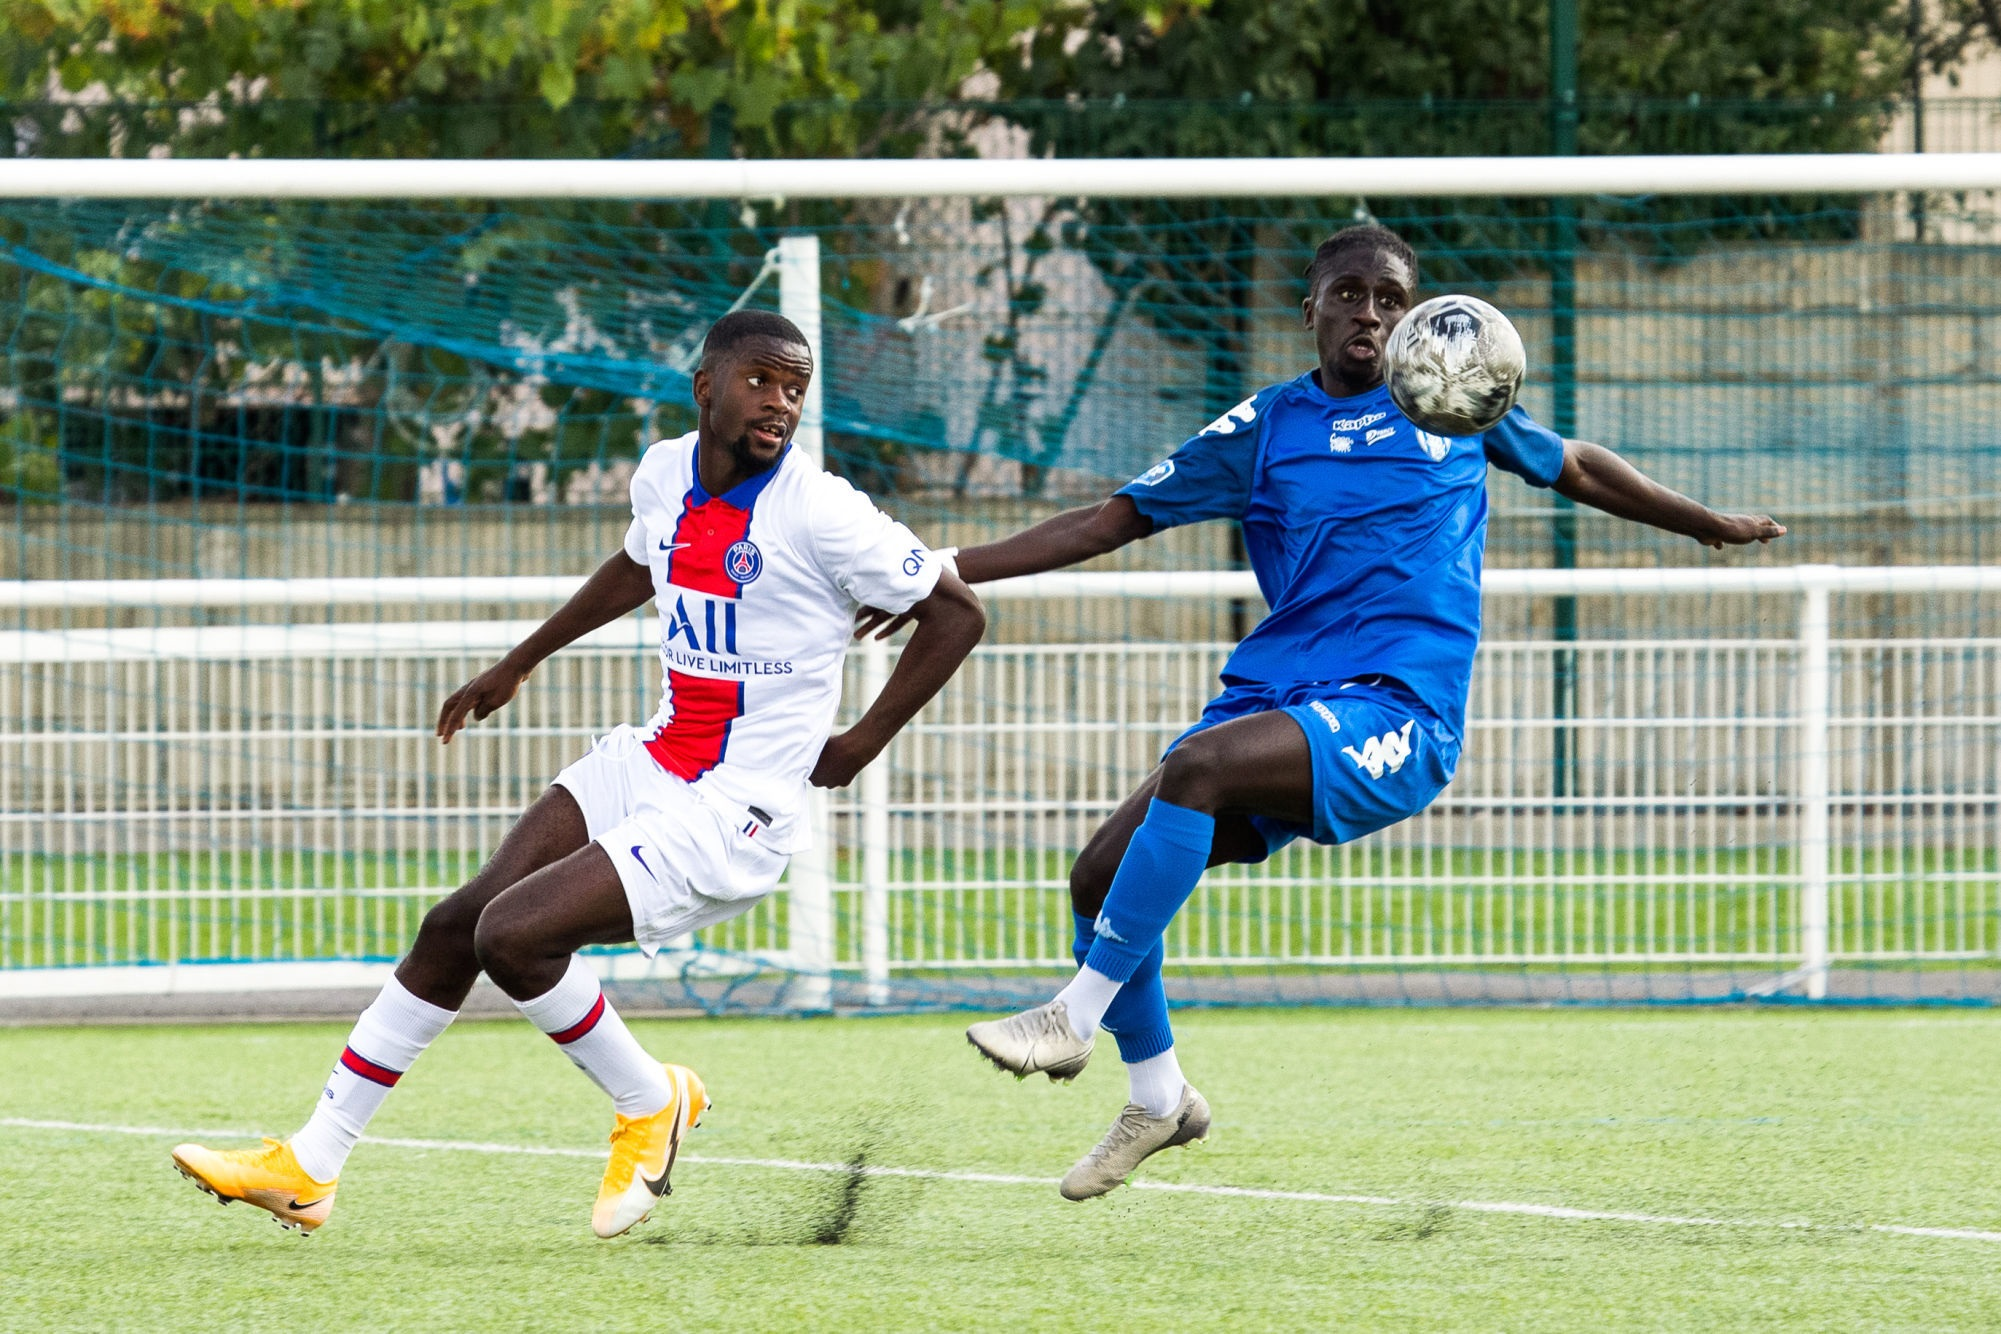 Officiel - Daniel Labila quitte le PSG pour signer au Standard de Liège